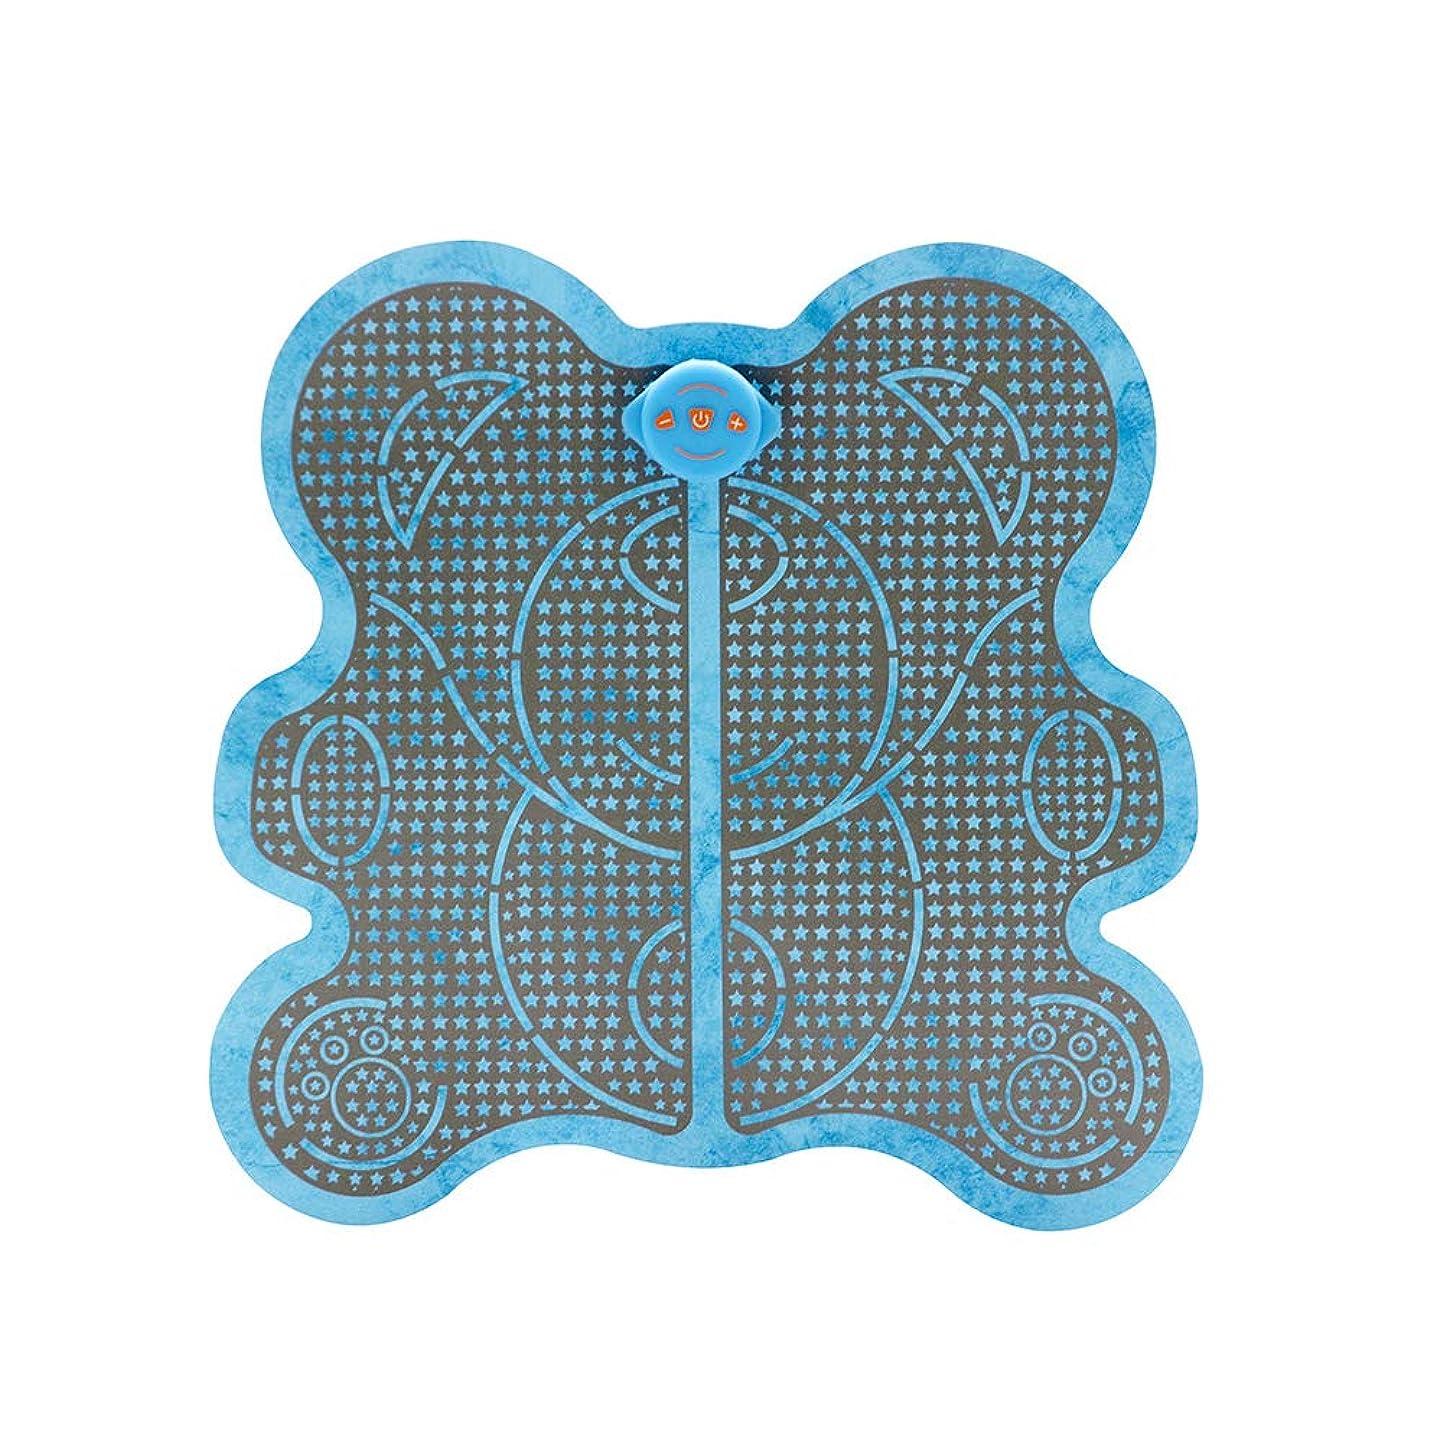 三くつろぎデンプシーSanwer フットマッサージャー EMS理学療法 フットマッサージクッション 足裏マッサージ機 フットマッサージャー 足指圧マッサージマット EMSリモートコントロール マッサージマット EMSフットマッサージャー 足刺激装置 EMSフットマッサージャークッション 調整可能 電動足裏マッサージ 筋肉刺激 血液循環